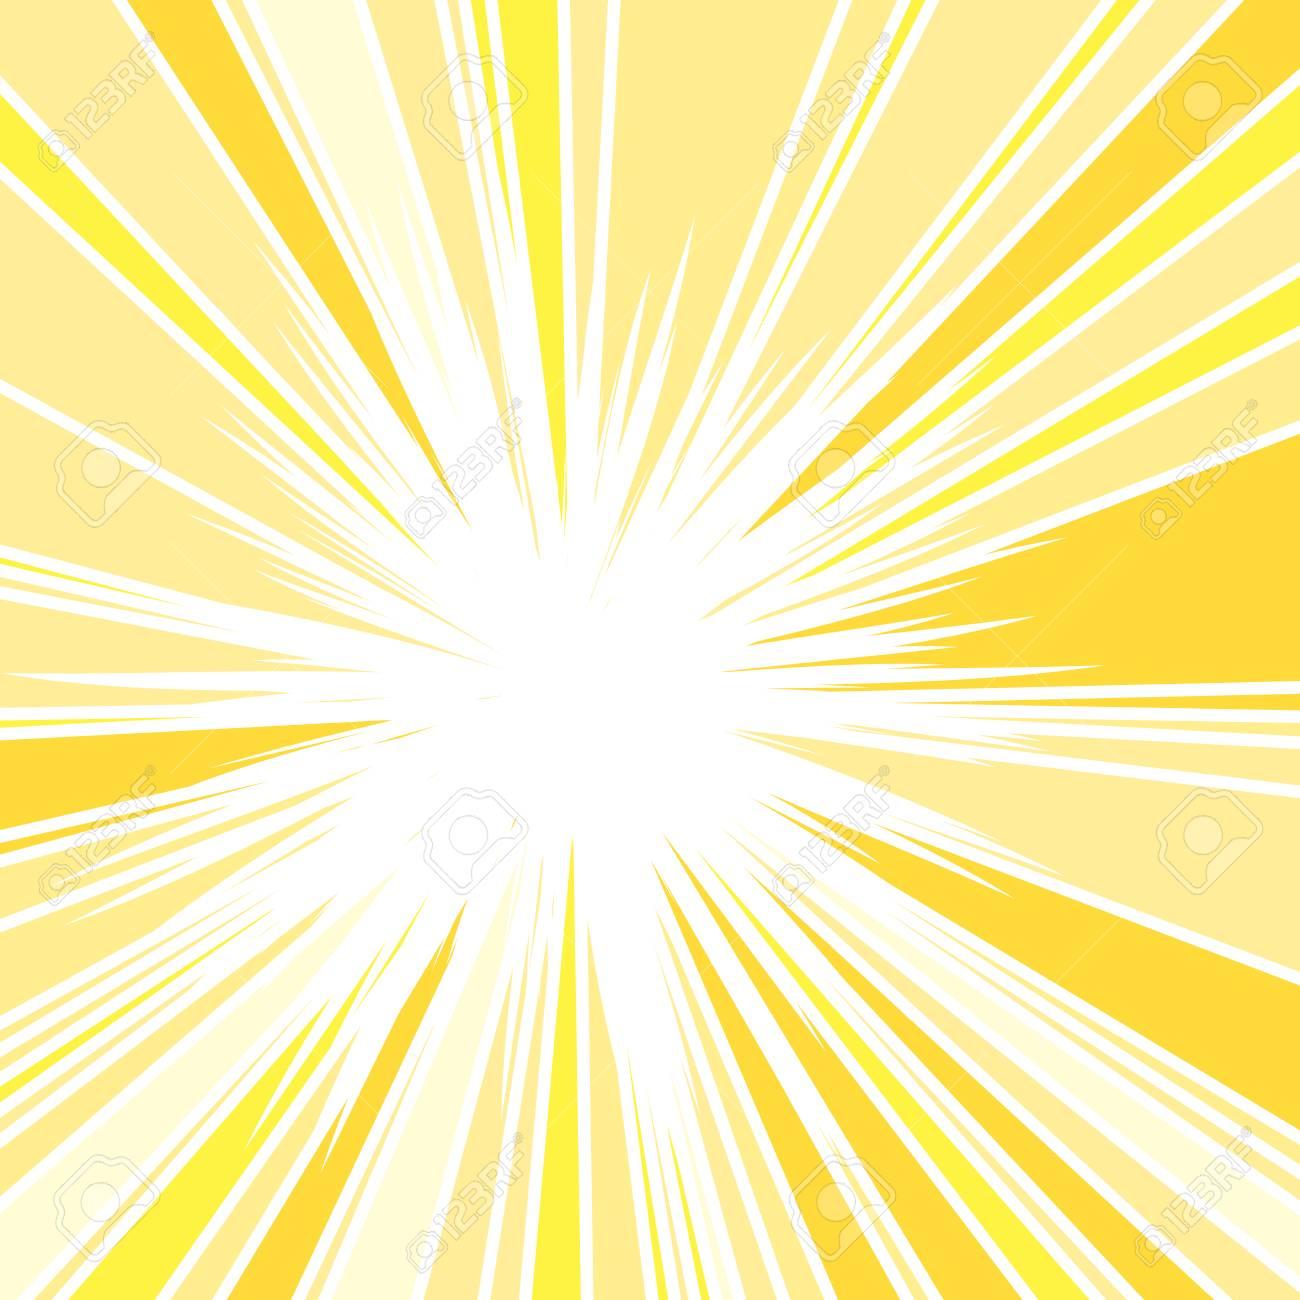 Hot and Glittering Summer Sun, Abstract Background of Sun Rays, Sunburst Background, Centered Yellow Orange Summer Sun Light Burst - 92923784